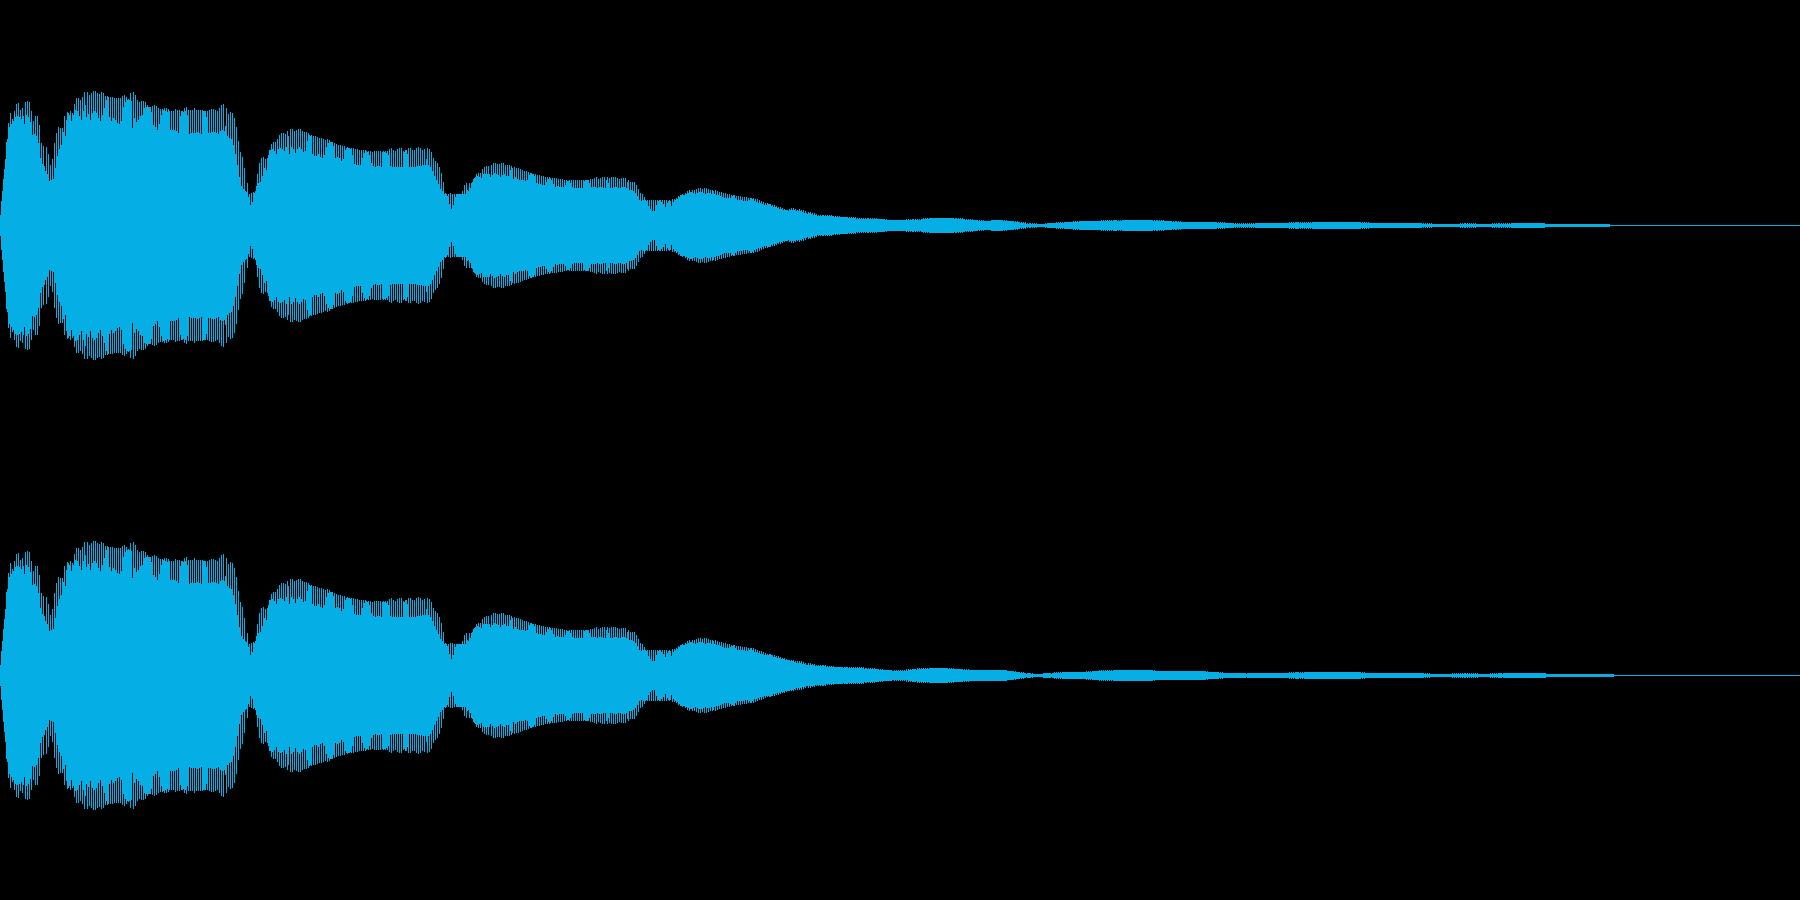 クイズ番組などで回答する時のボタン音の再生済みの波形